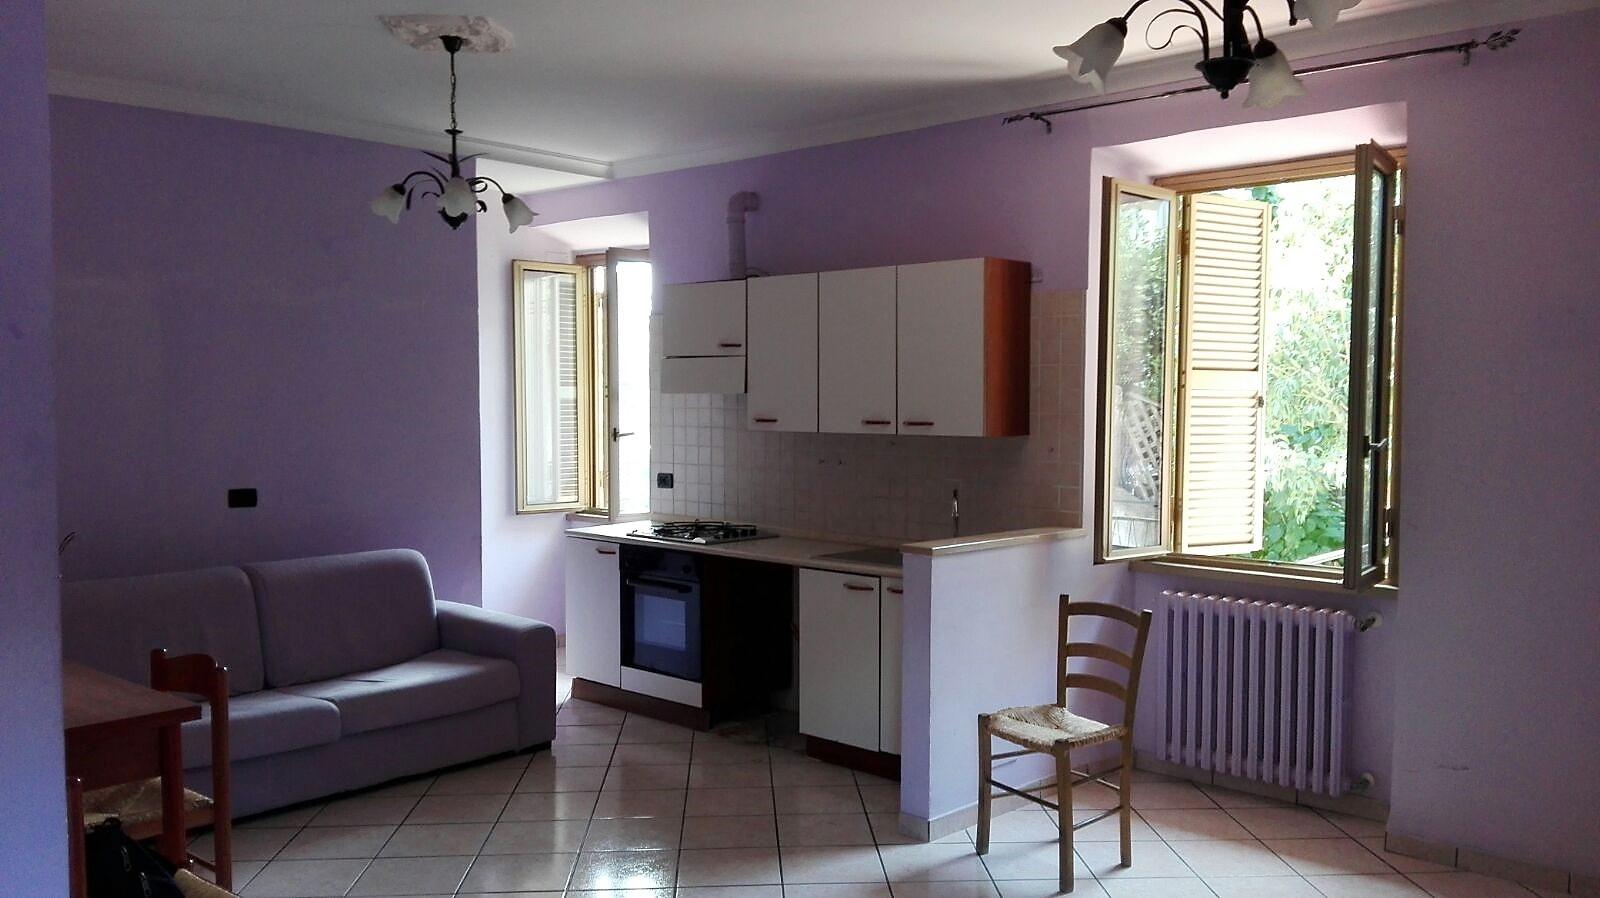 Cbi047 201 51954 appartamento in affitto a roma boccea for Affitto uffici roma boccea